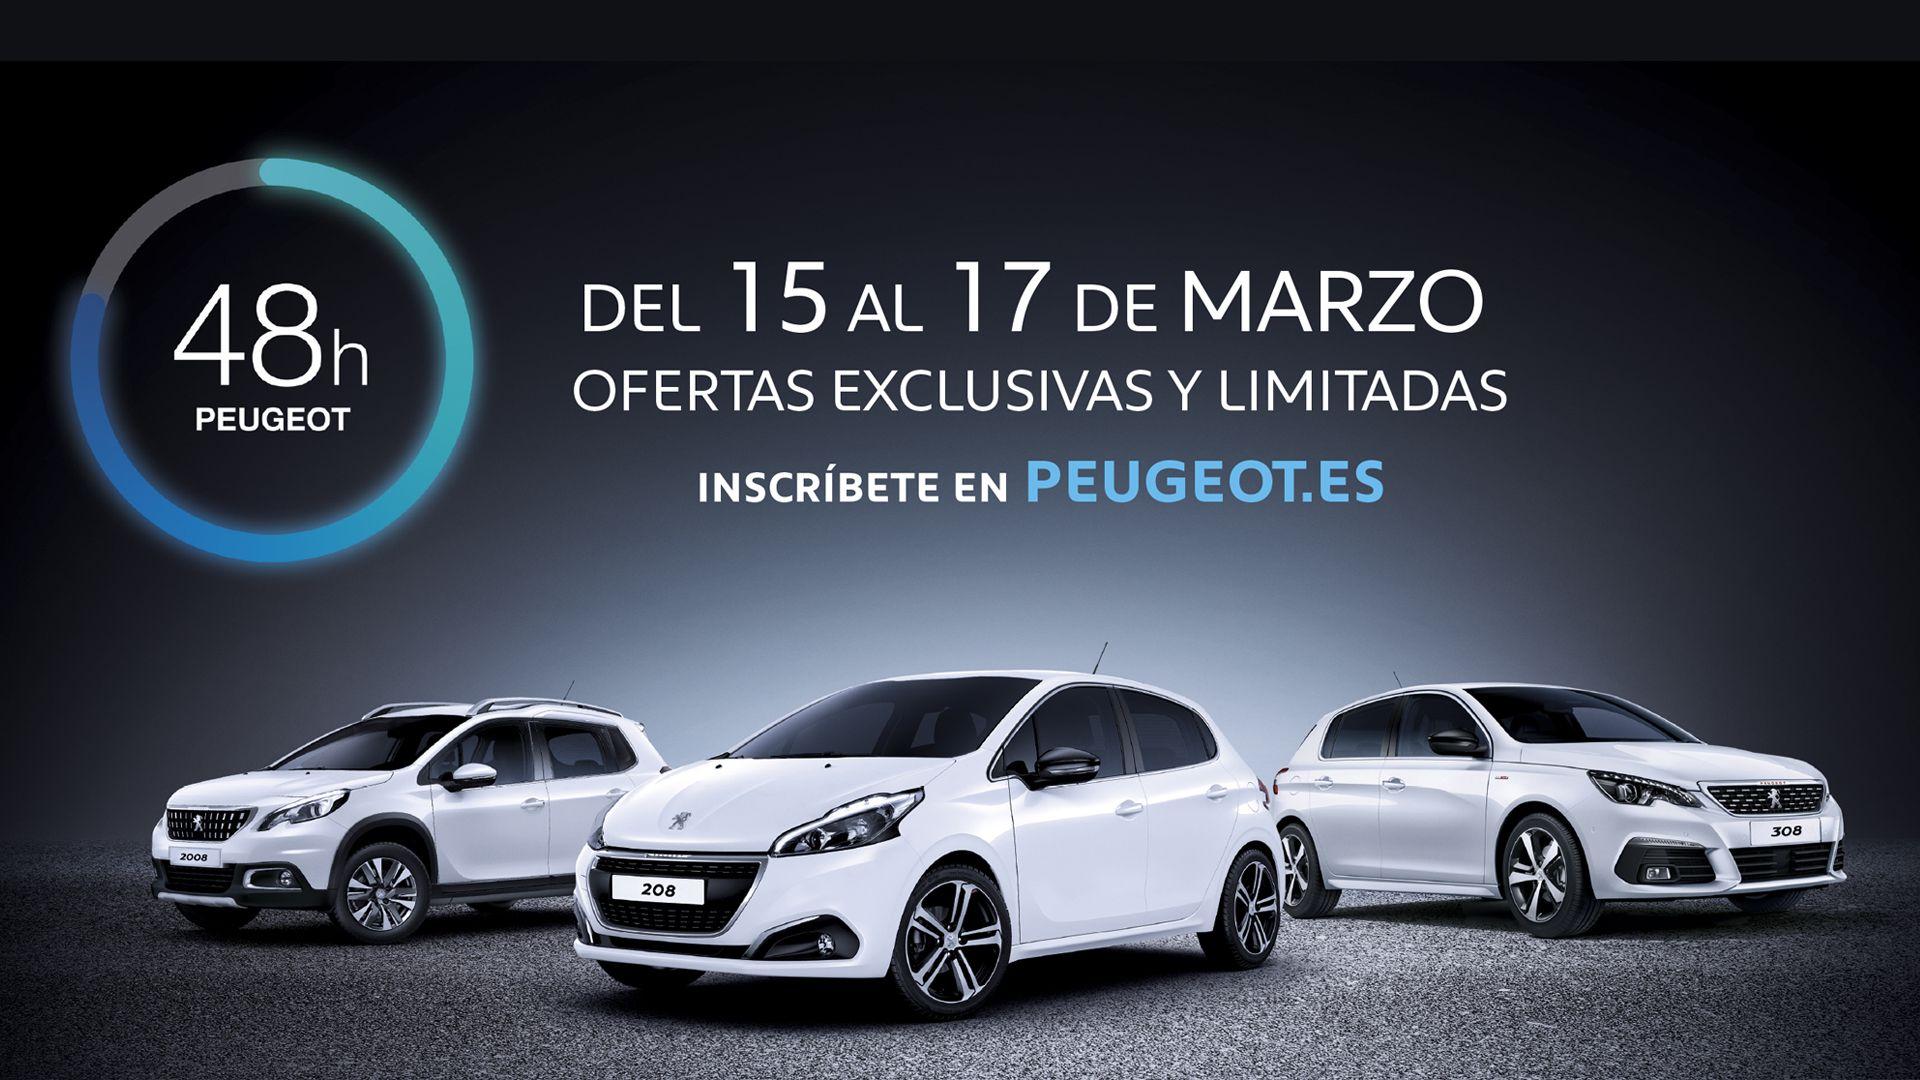 Vuelven las 48h Peugeot